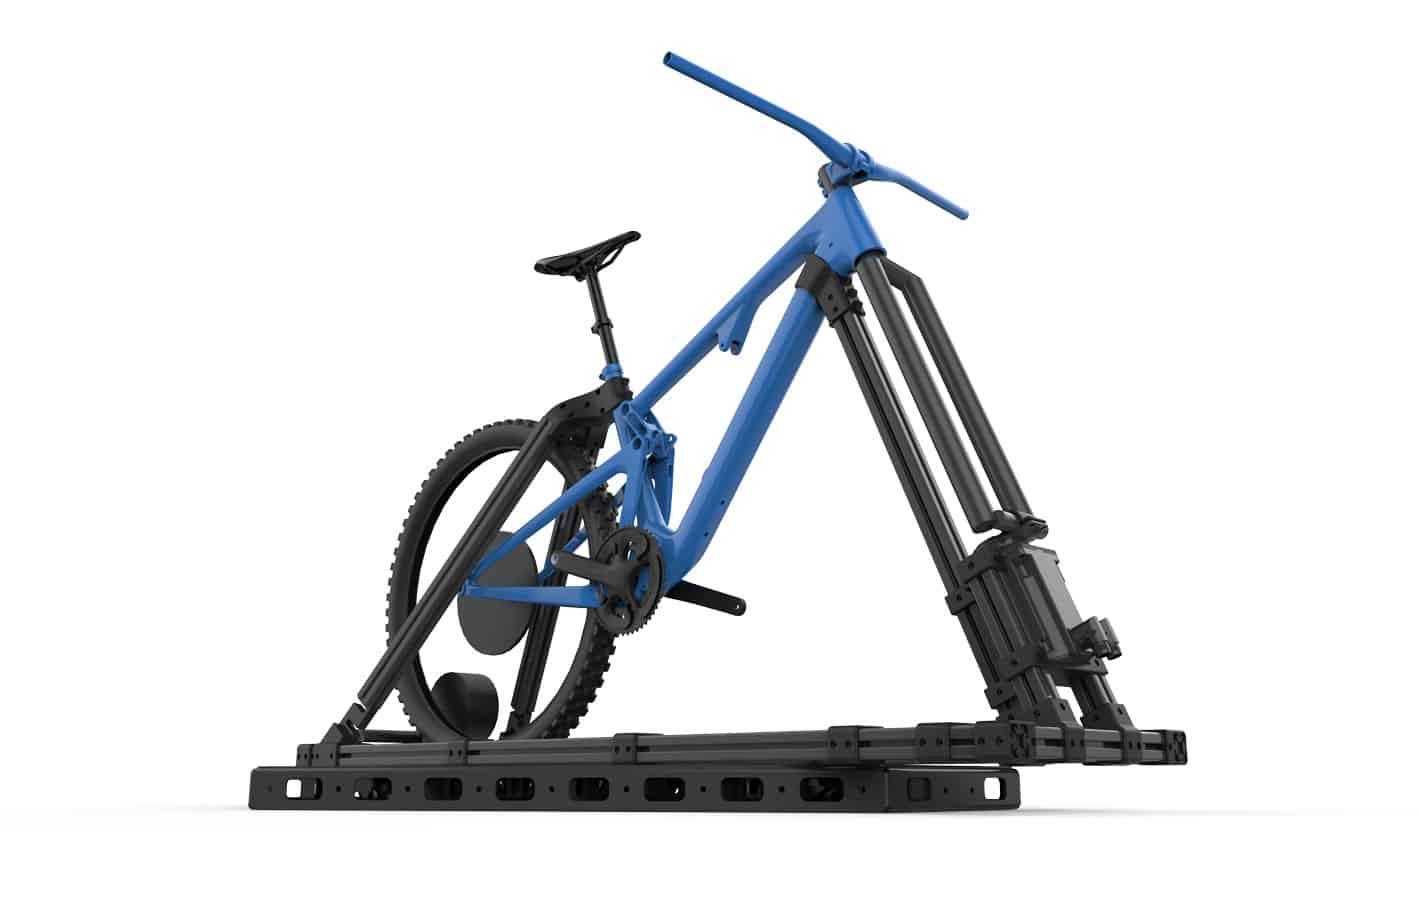 Bicycle simulator design computer render